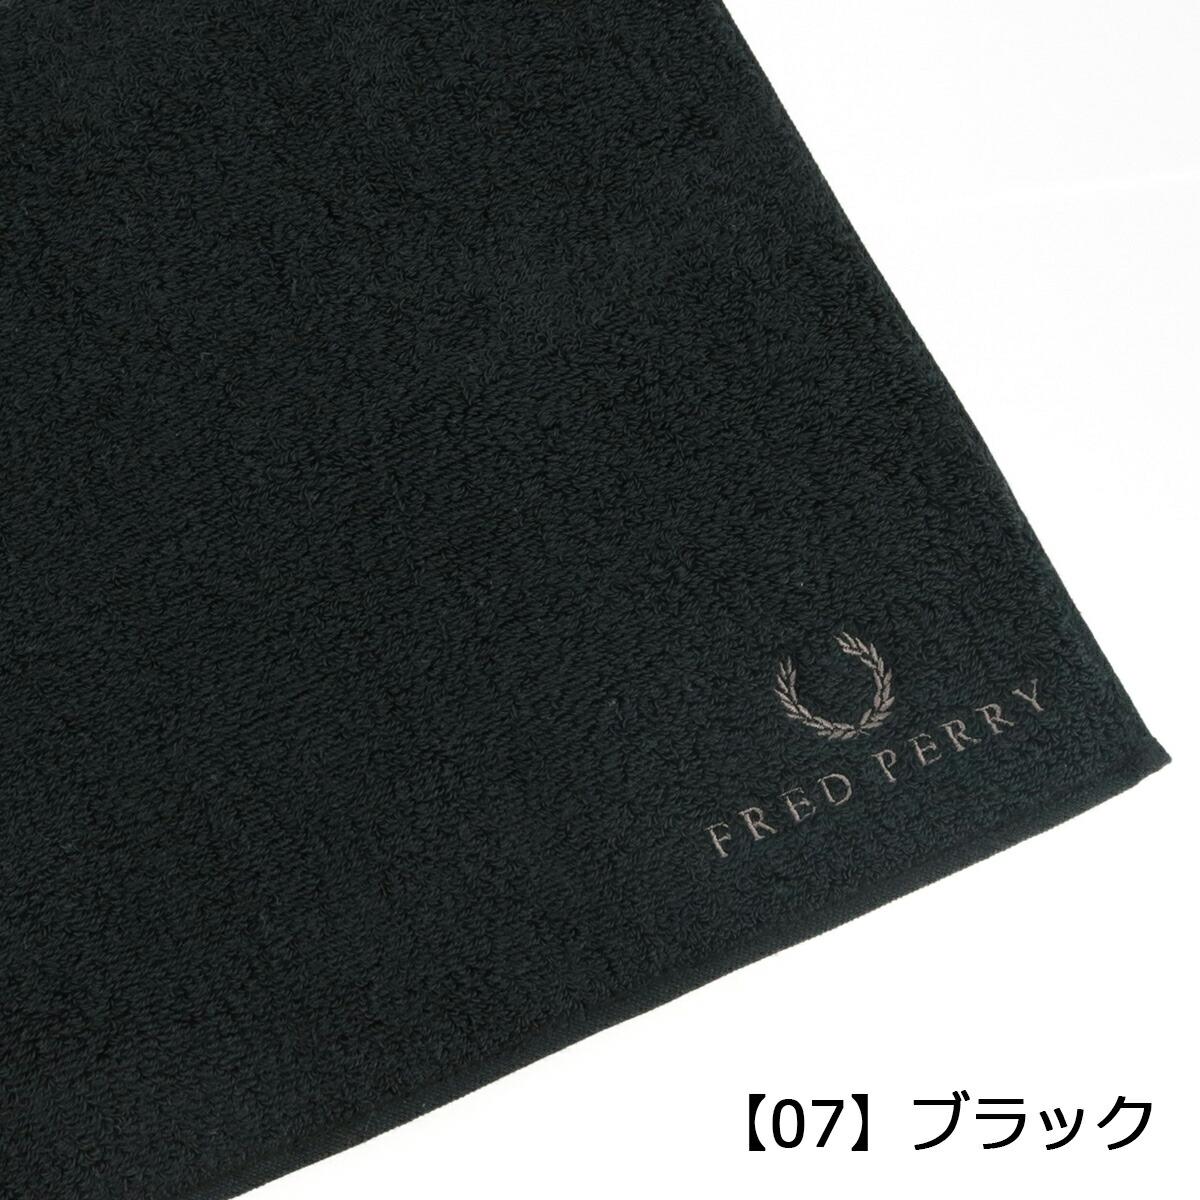 【07】ブラック